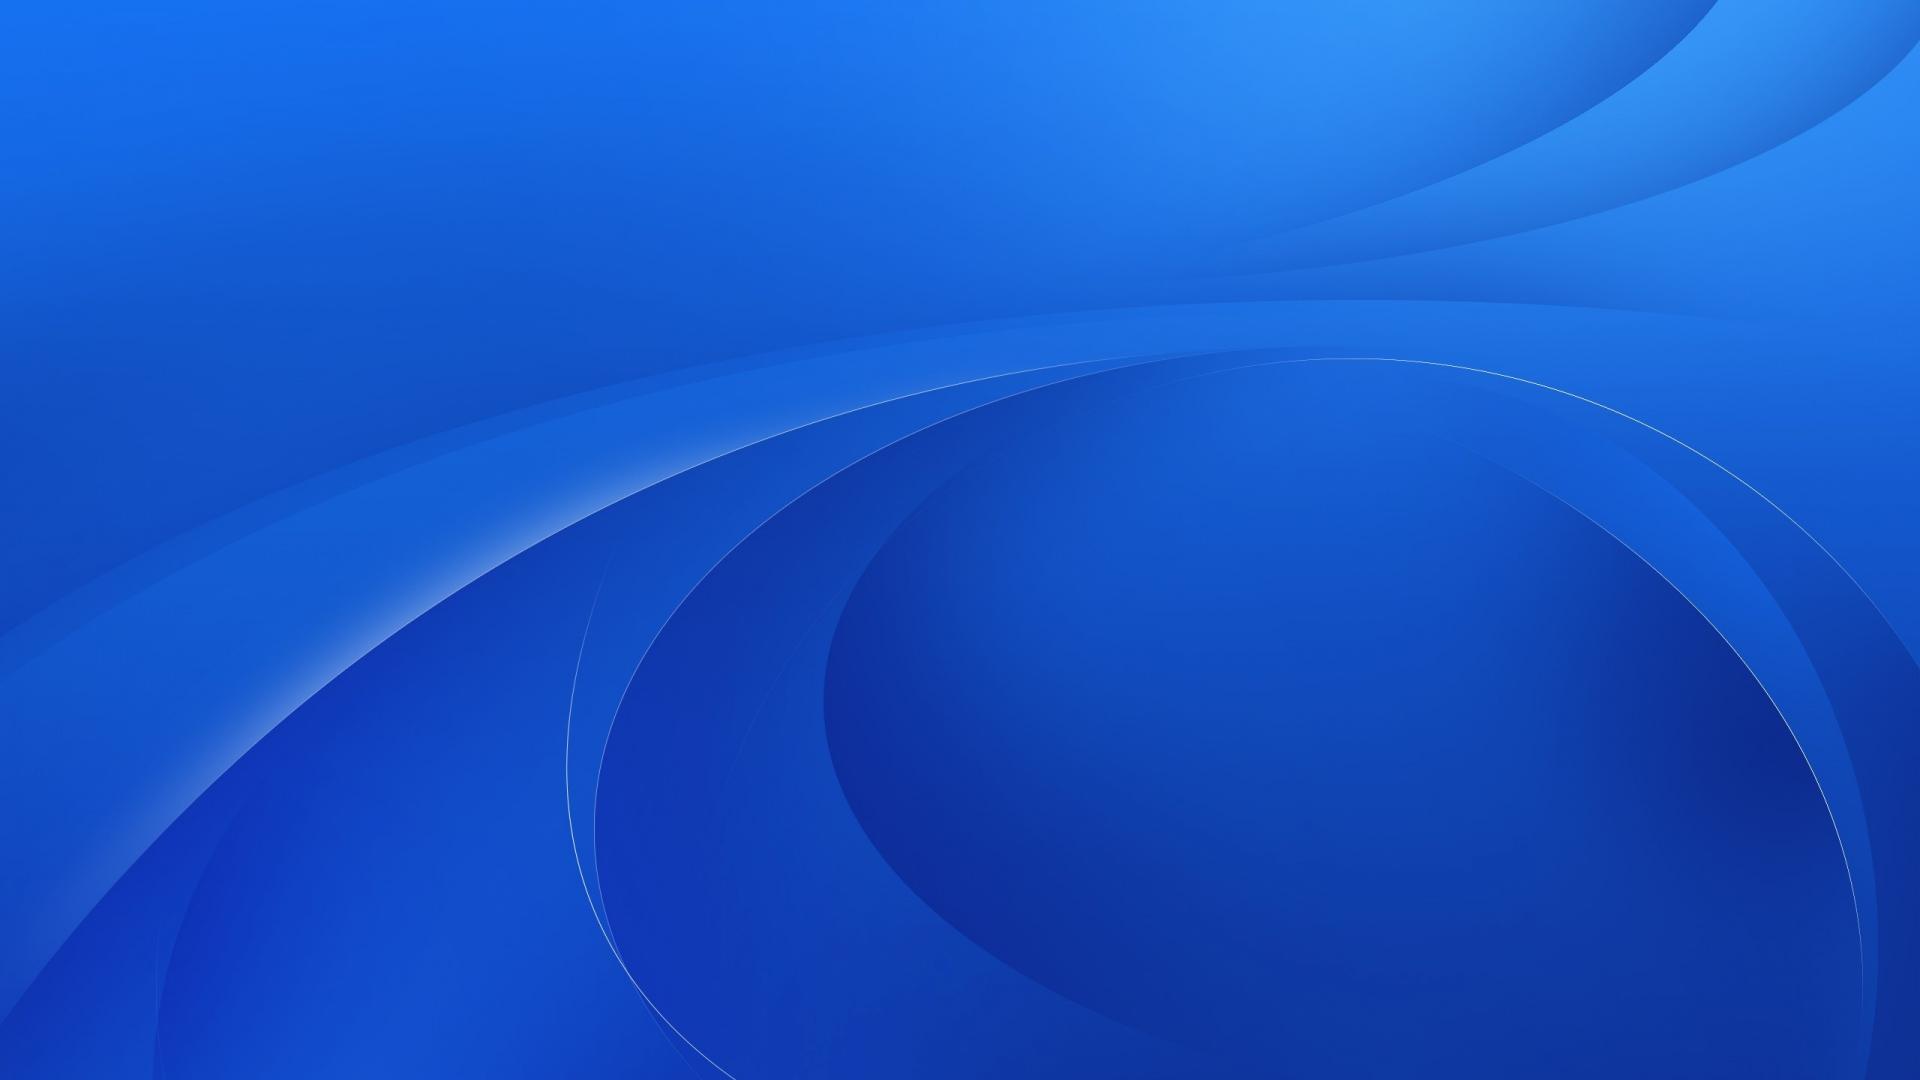 Blauwe Achtergrond Wallpaper HD